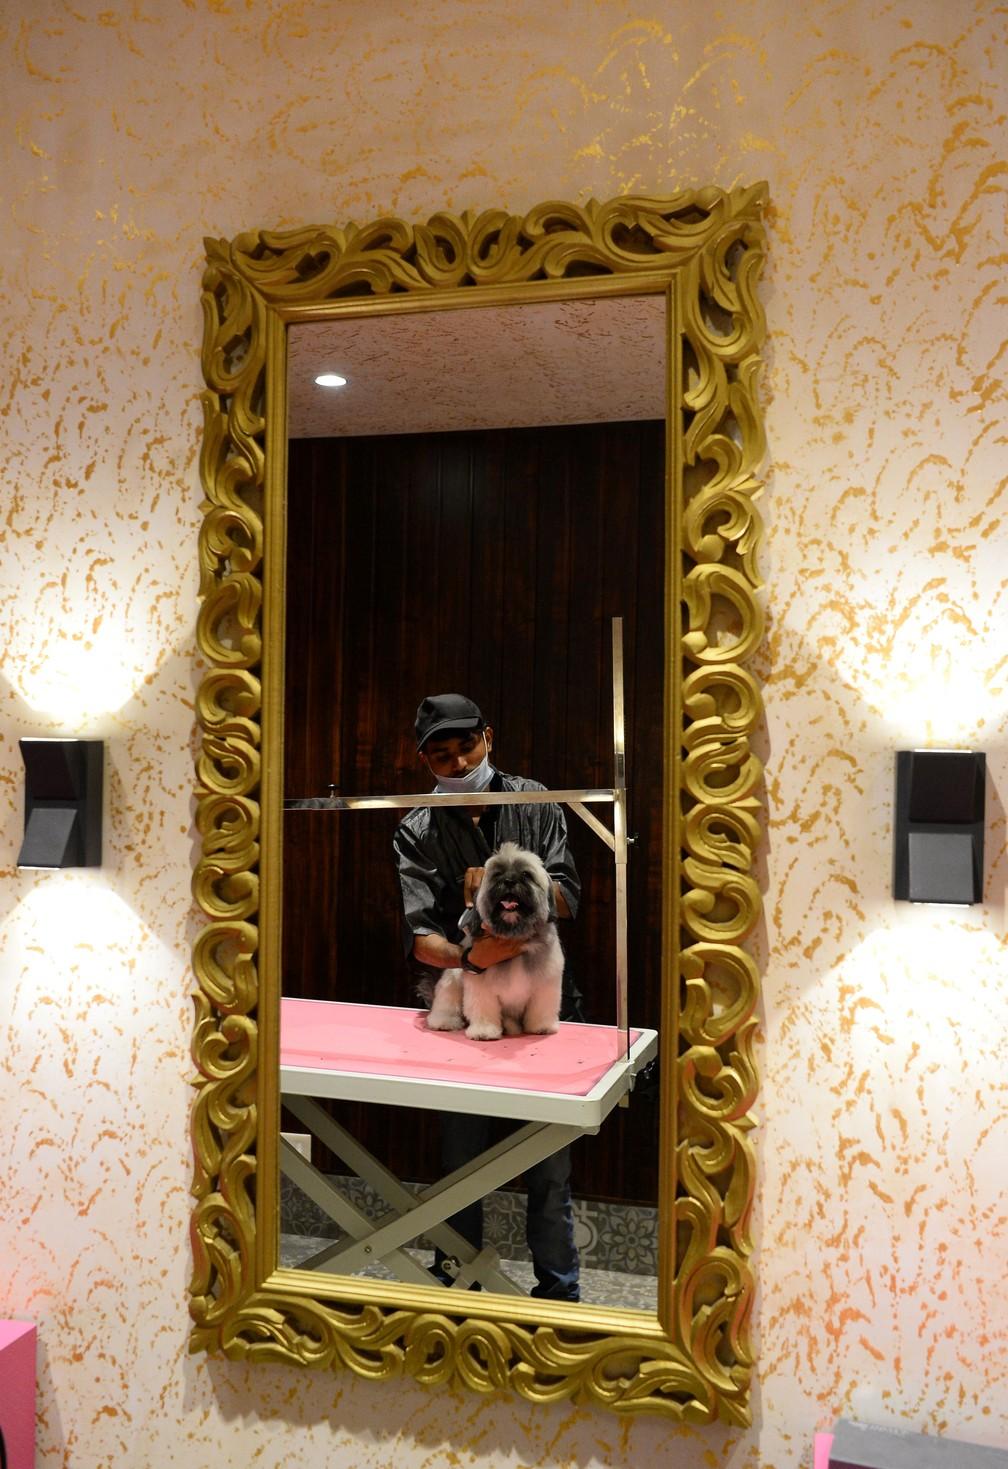 Cães passam por sessão de cabeleireiro no hotel indiano (Foto: Sajjad Hussain/AFP )